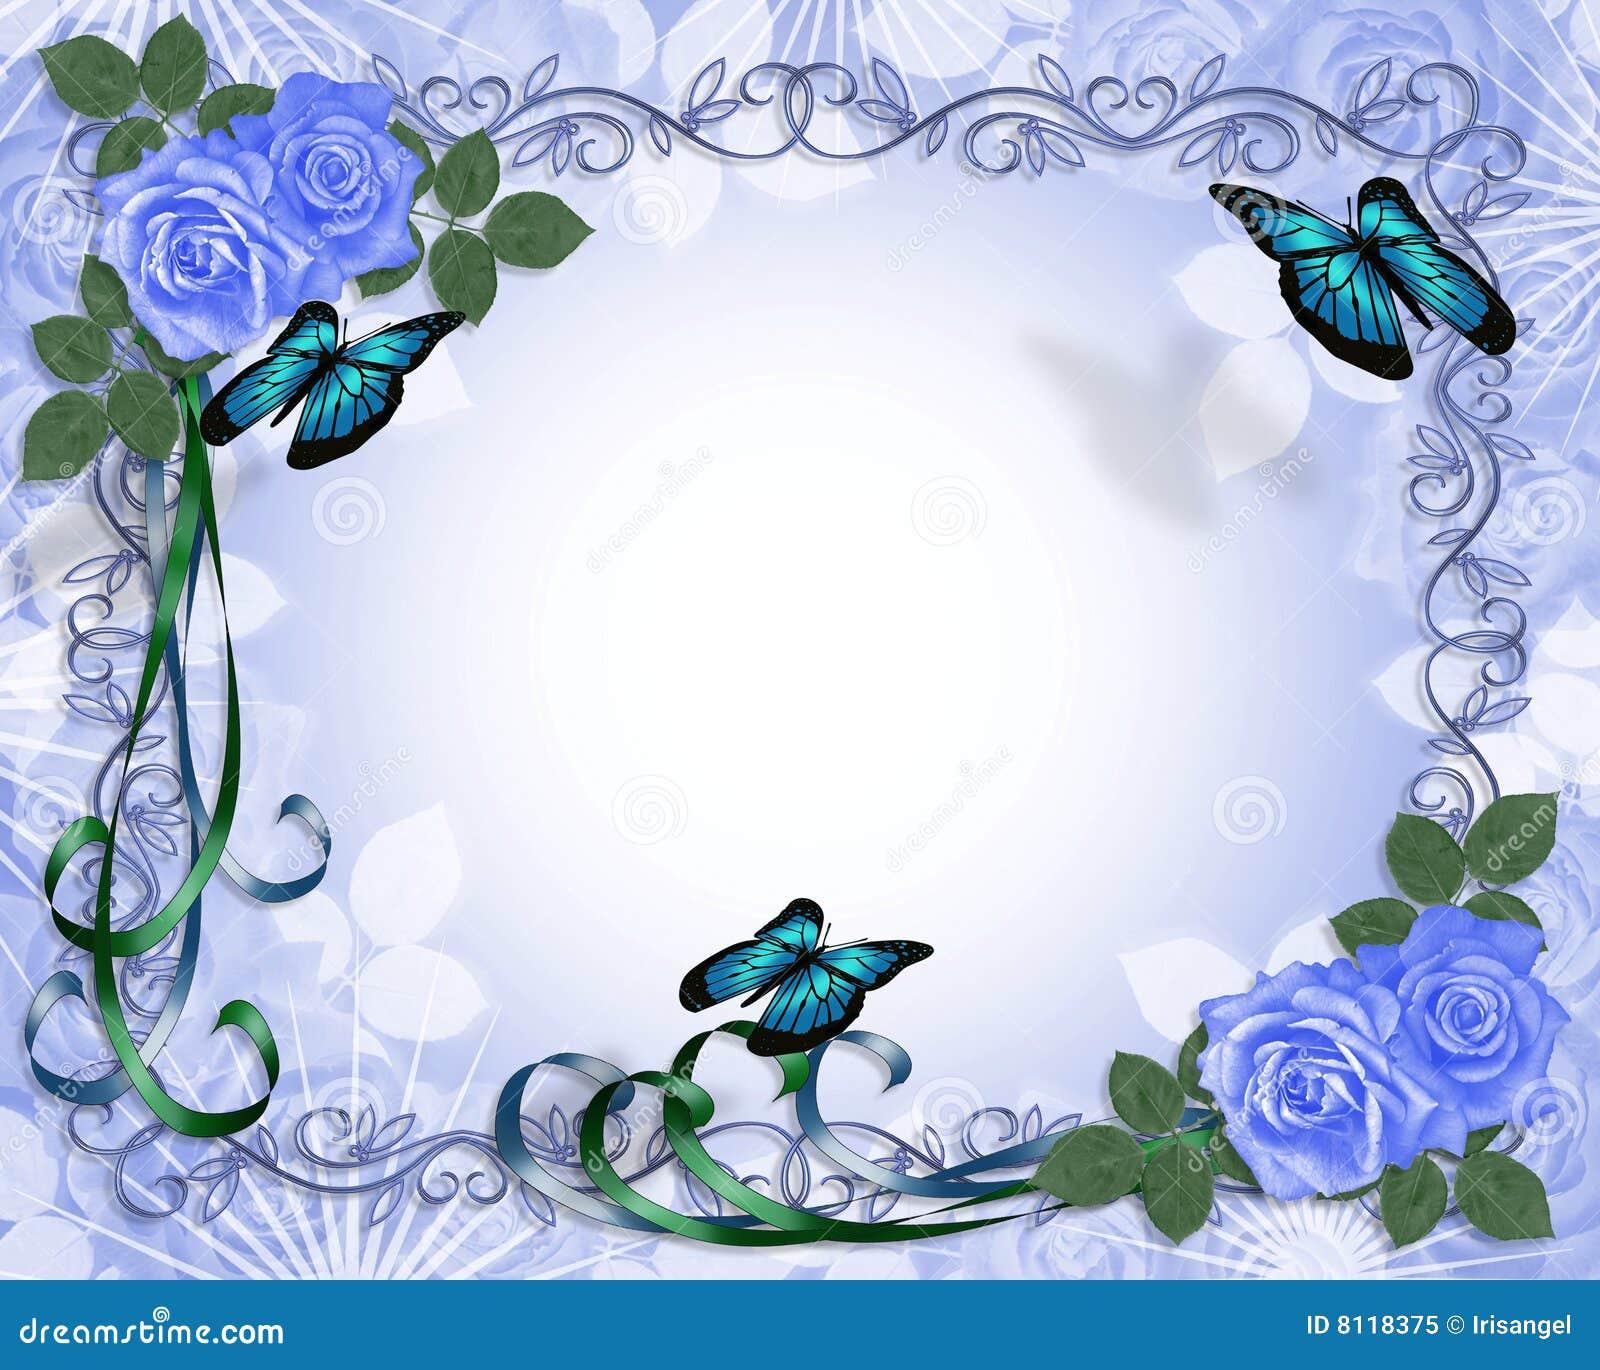 Frontera Azul De Las Rosas De La Invitación De La Boda Foto de archivo libre de regalías ...